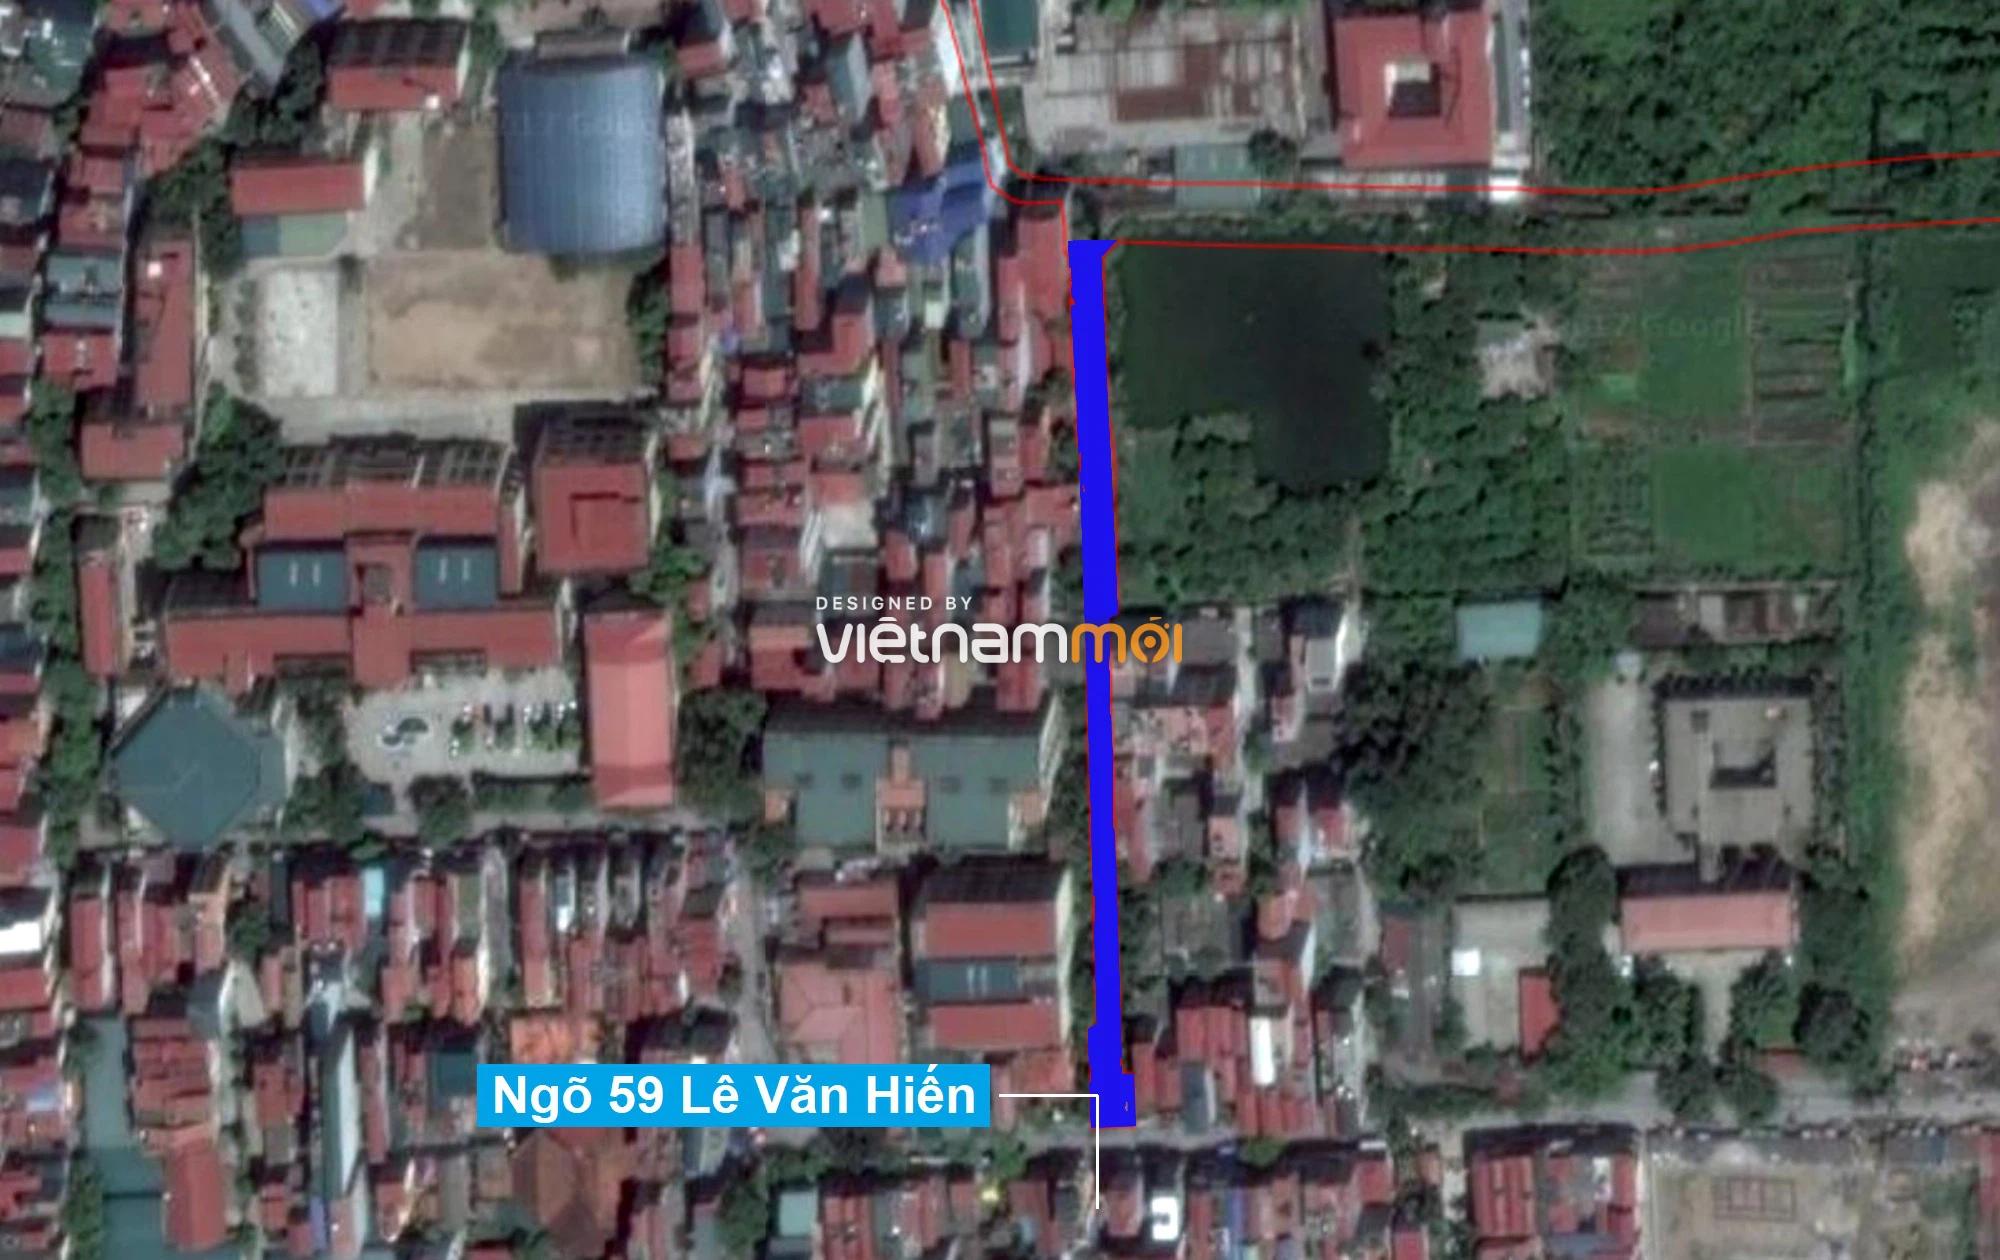 Những khu đất sắp thu hồi để mở đường ở quận Bắc Từ Liêm, Hà Nội (phần 3) - Ảnh 9.